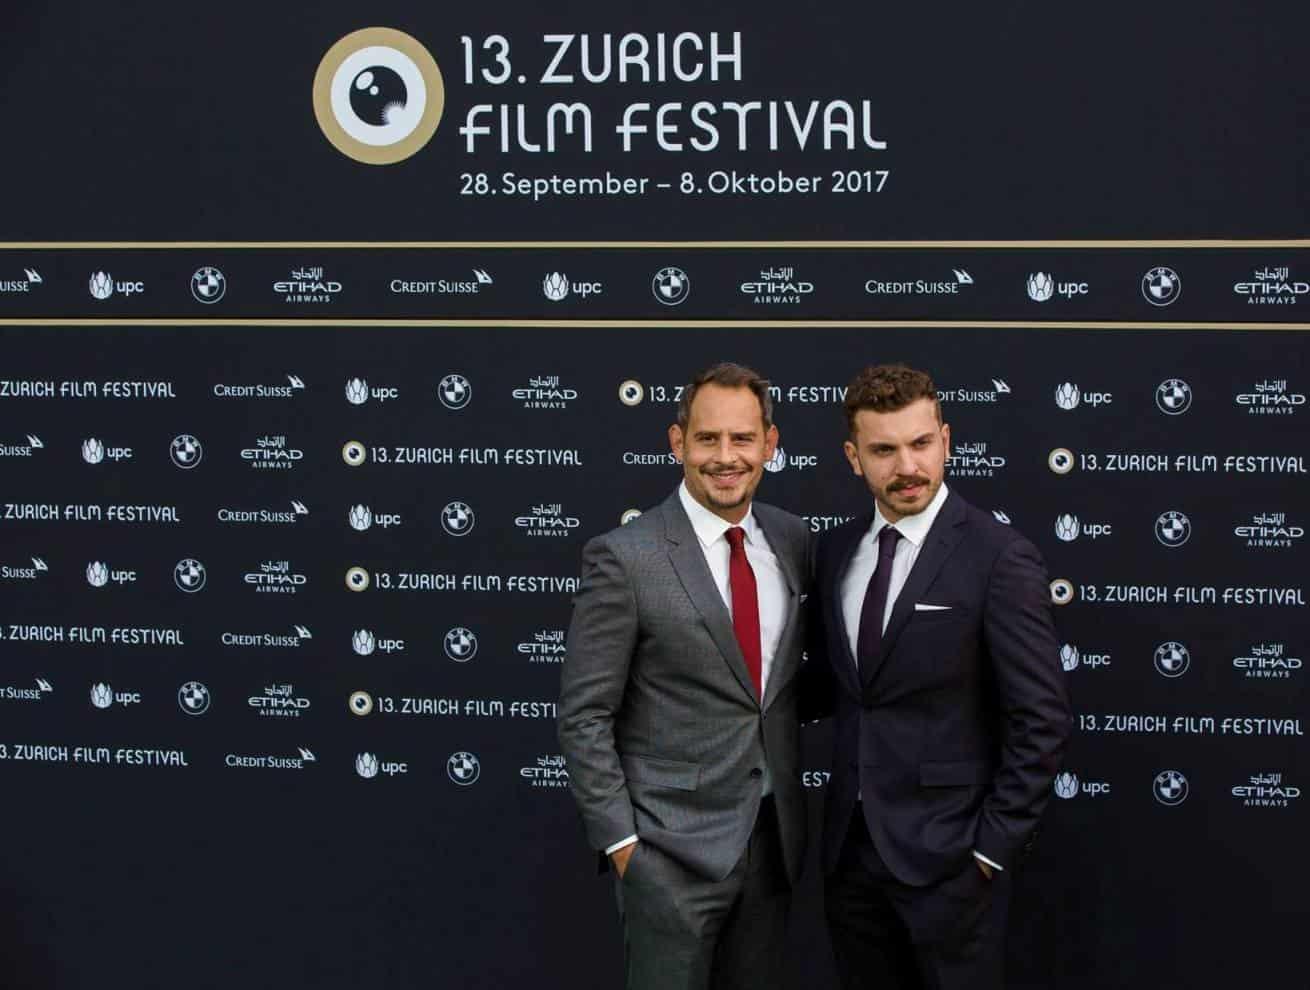 moritz bleibtreu zff2017